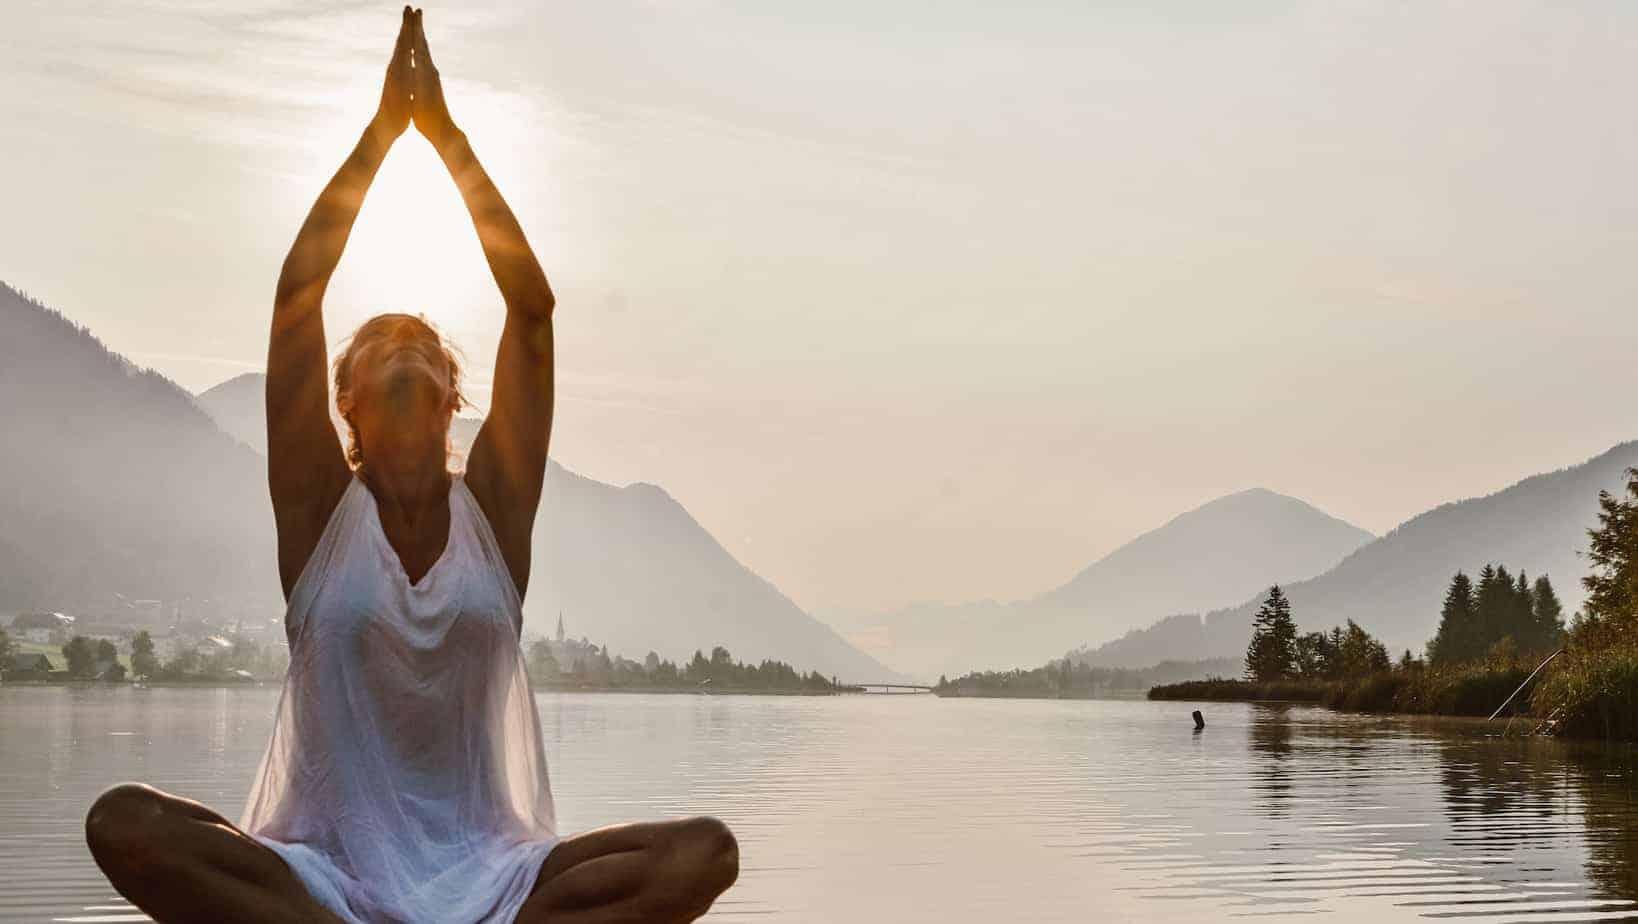 Franzi von Nahrungsglück meditiert am Wasser